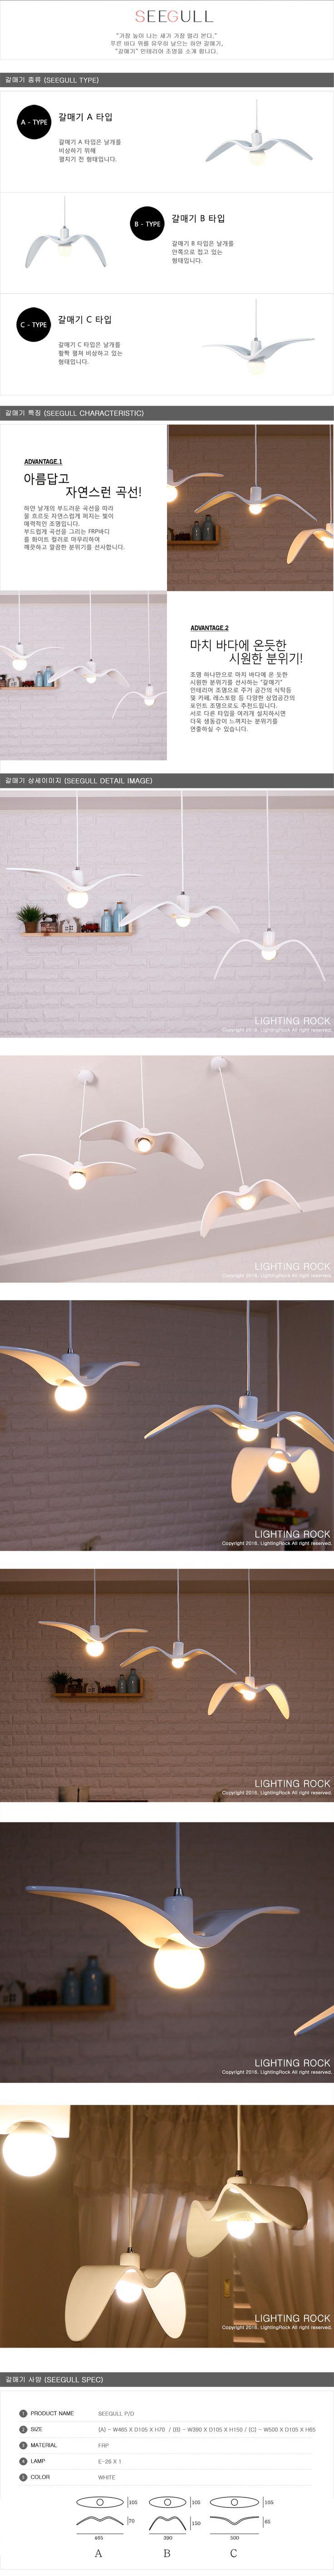 라이팅락의 갈매기 조명 상품입니다. Lighting Rock - seegull series light